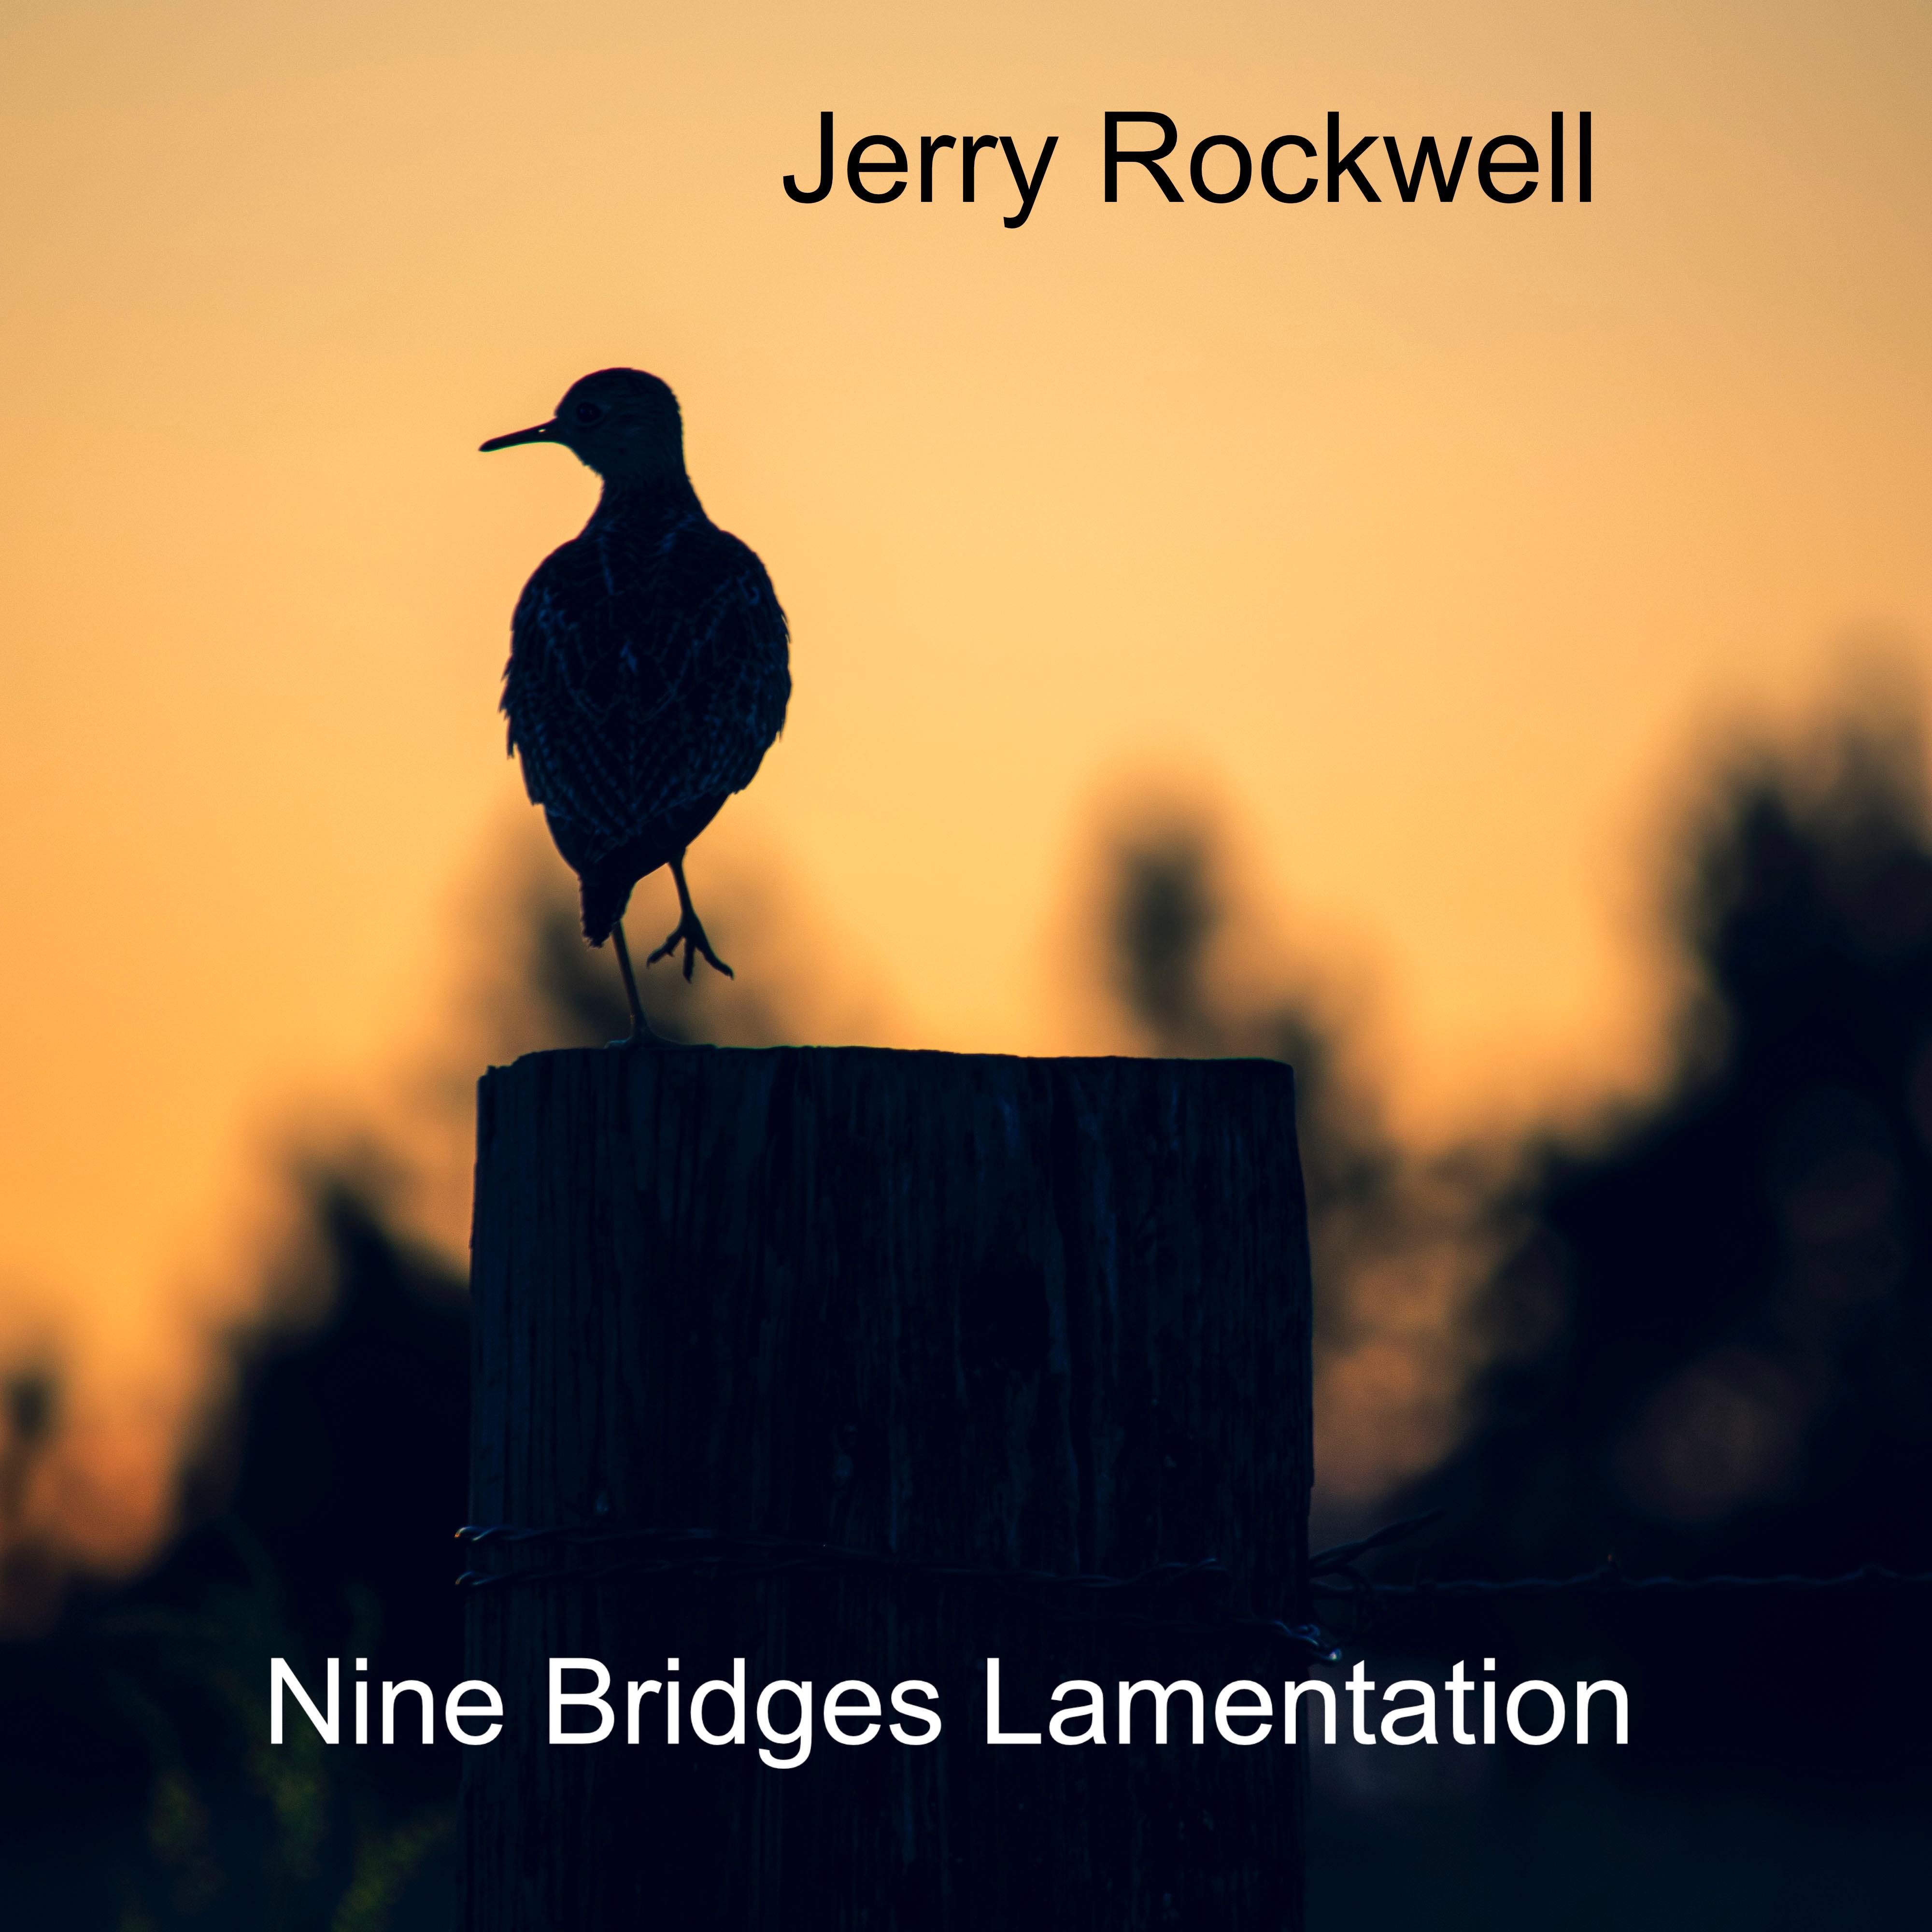 NineBridgesLamentation